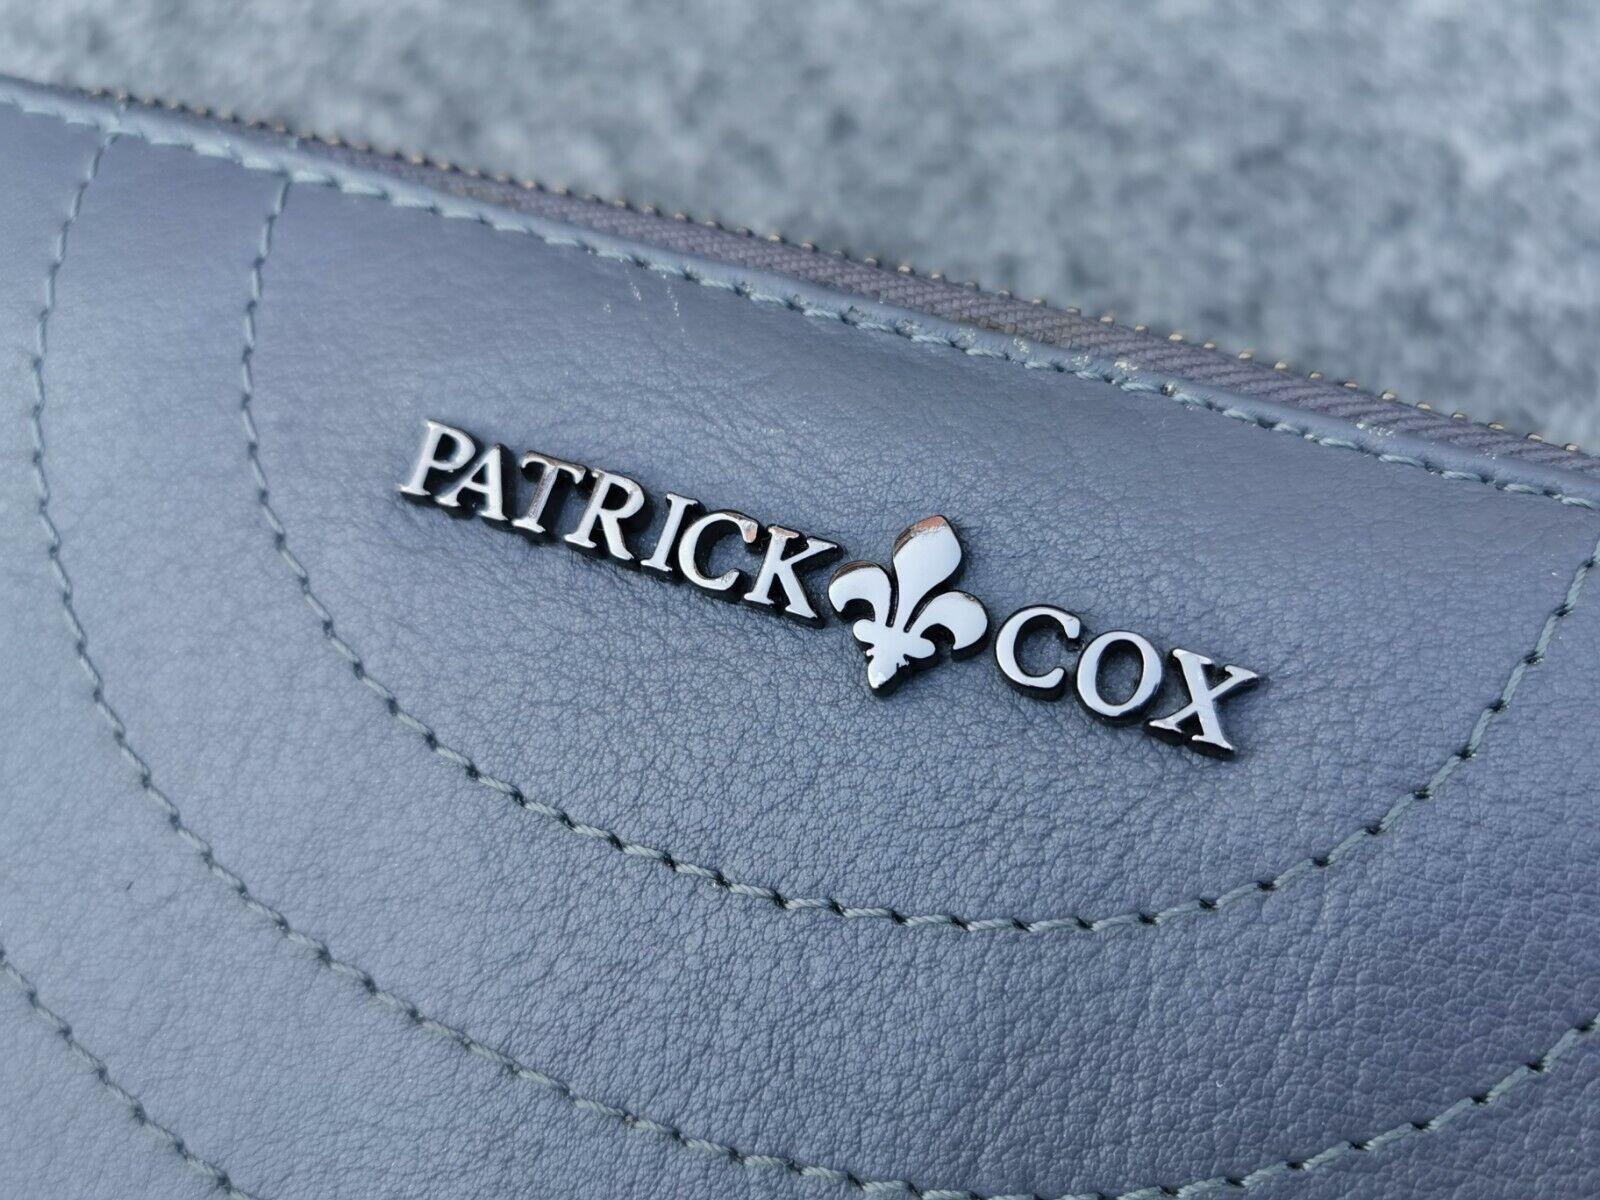 Patrick Cox Grey Leather Clutch Purse Zip Around Money Card Smartphone Passport